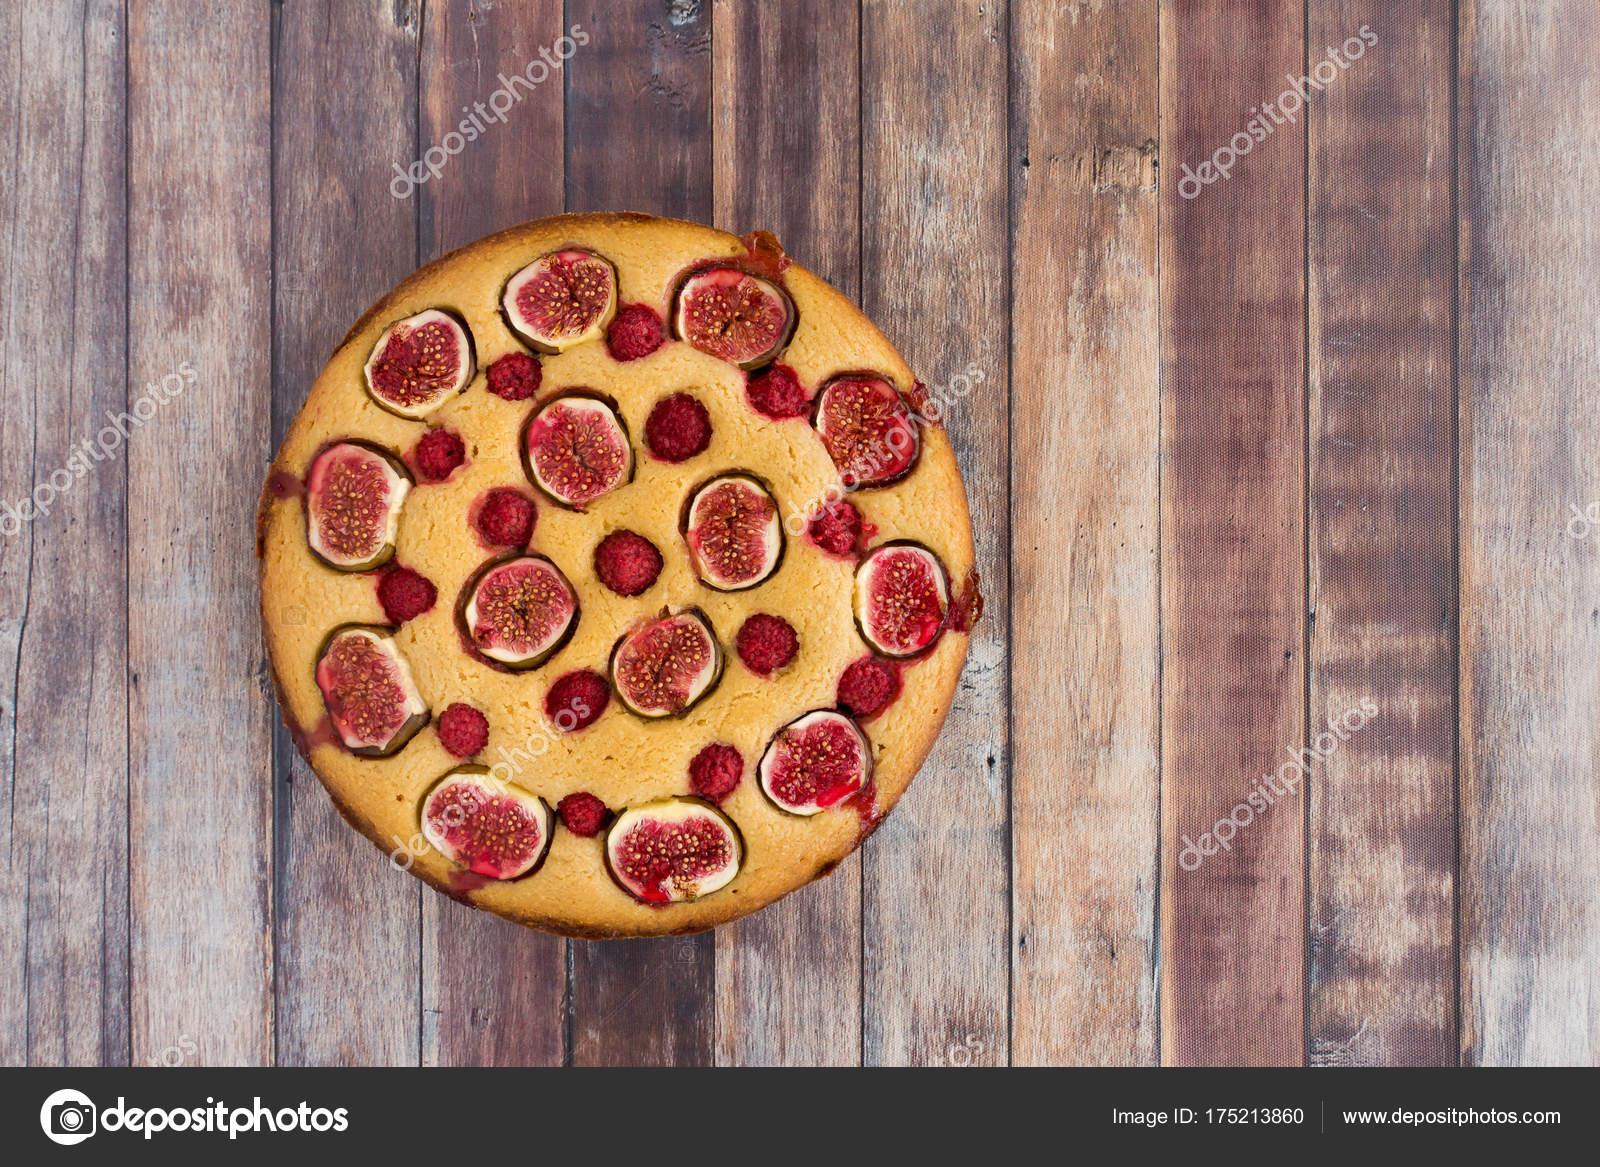 Entzuckend Feigen  Und Himbeer Kuchen Auf Holz Hintergrund U2014 Stockfoto